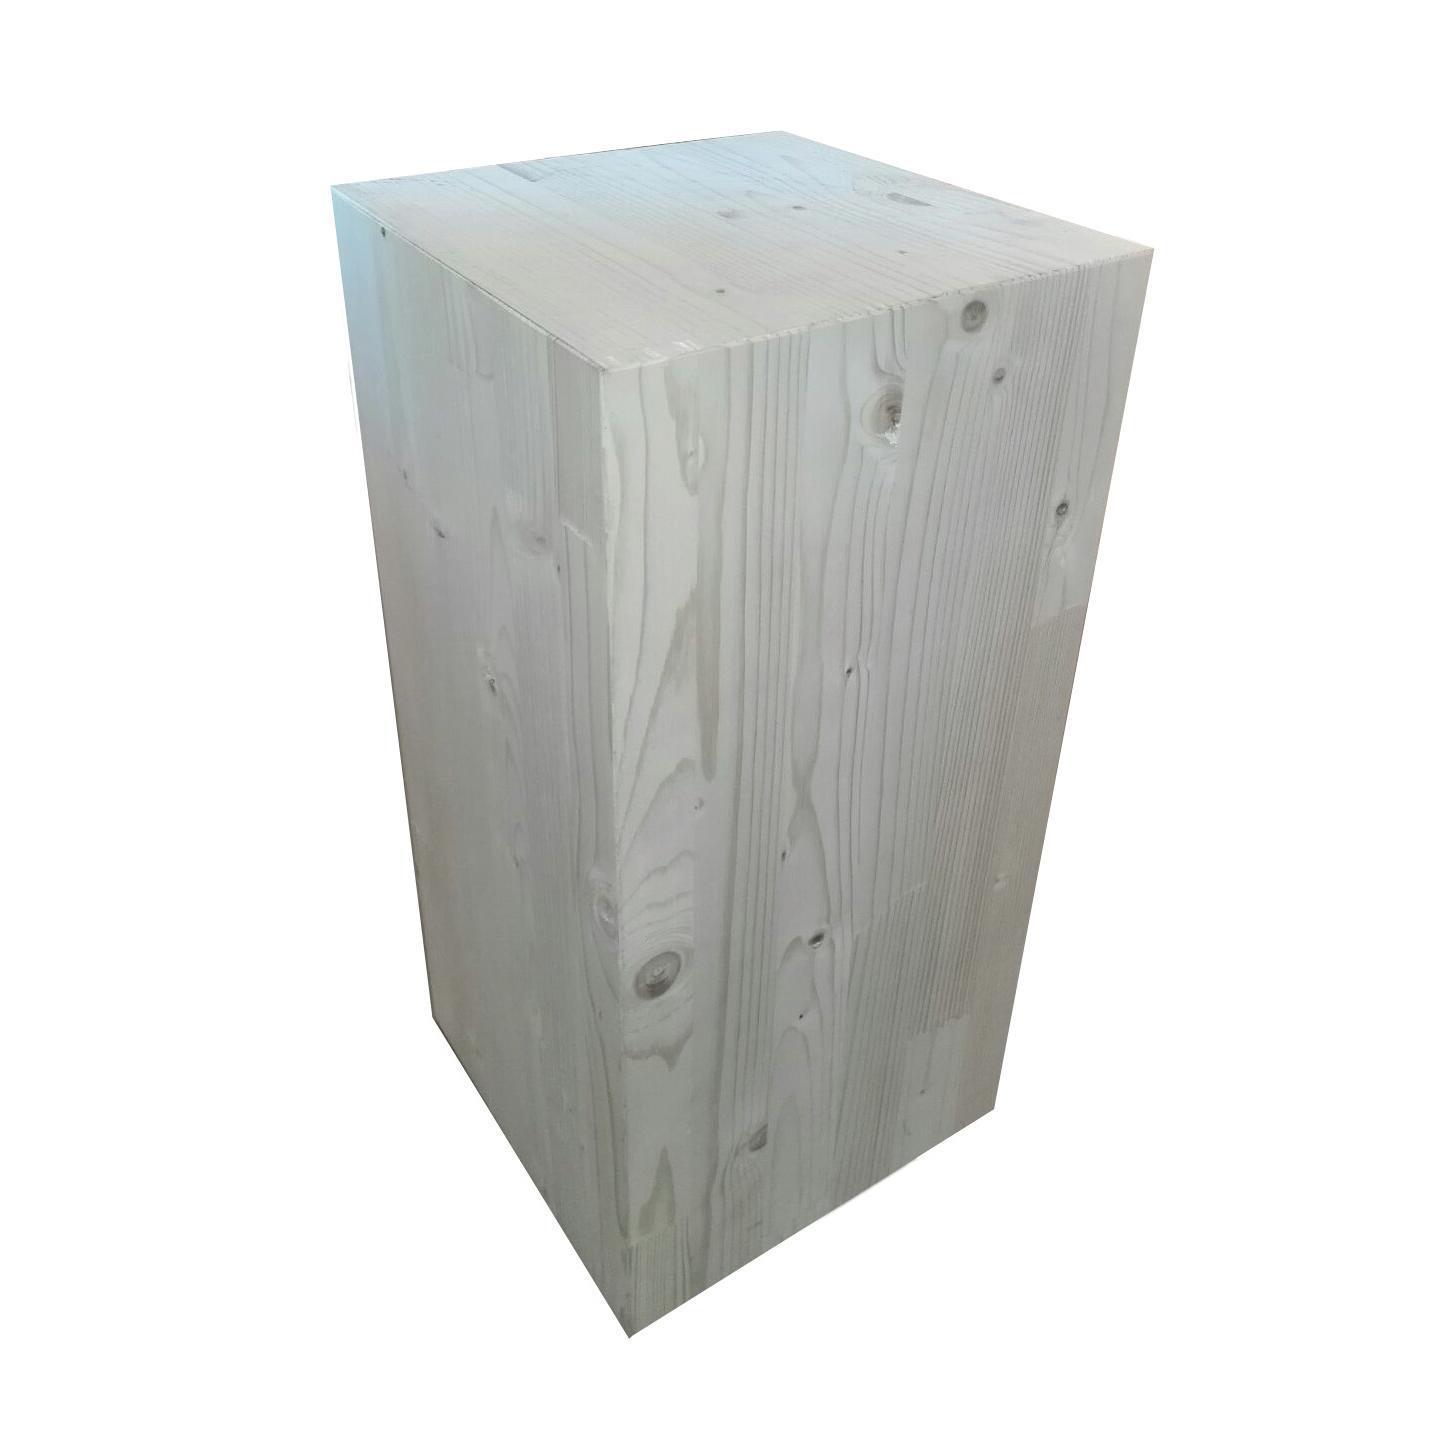 Sagoma decorativa cubo in abete grezzo 300 x 300 x 450 mm - 2